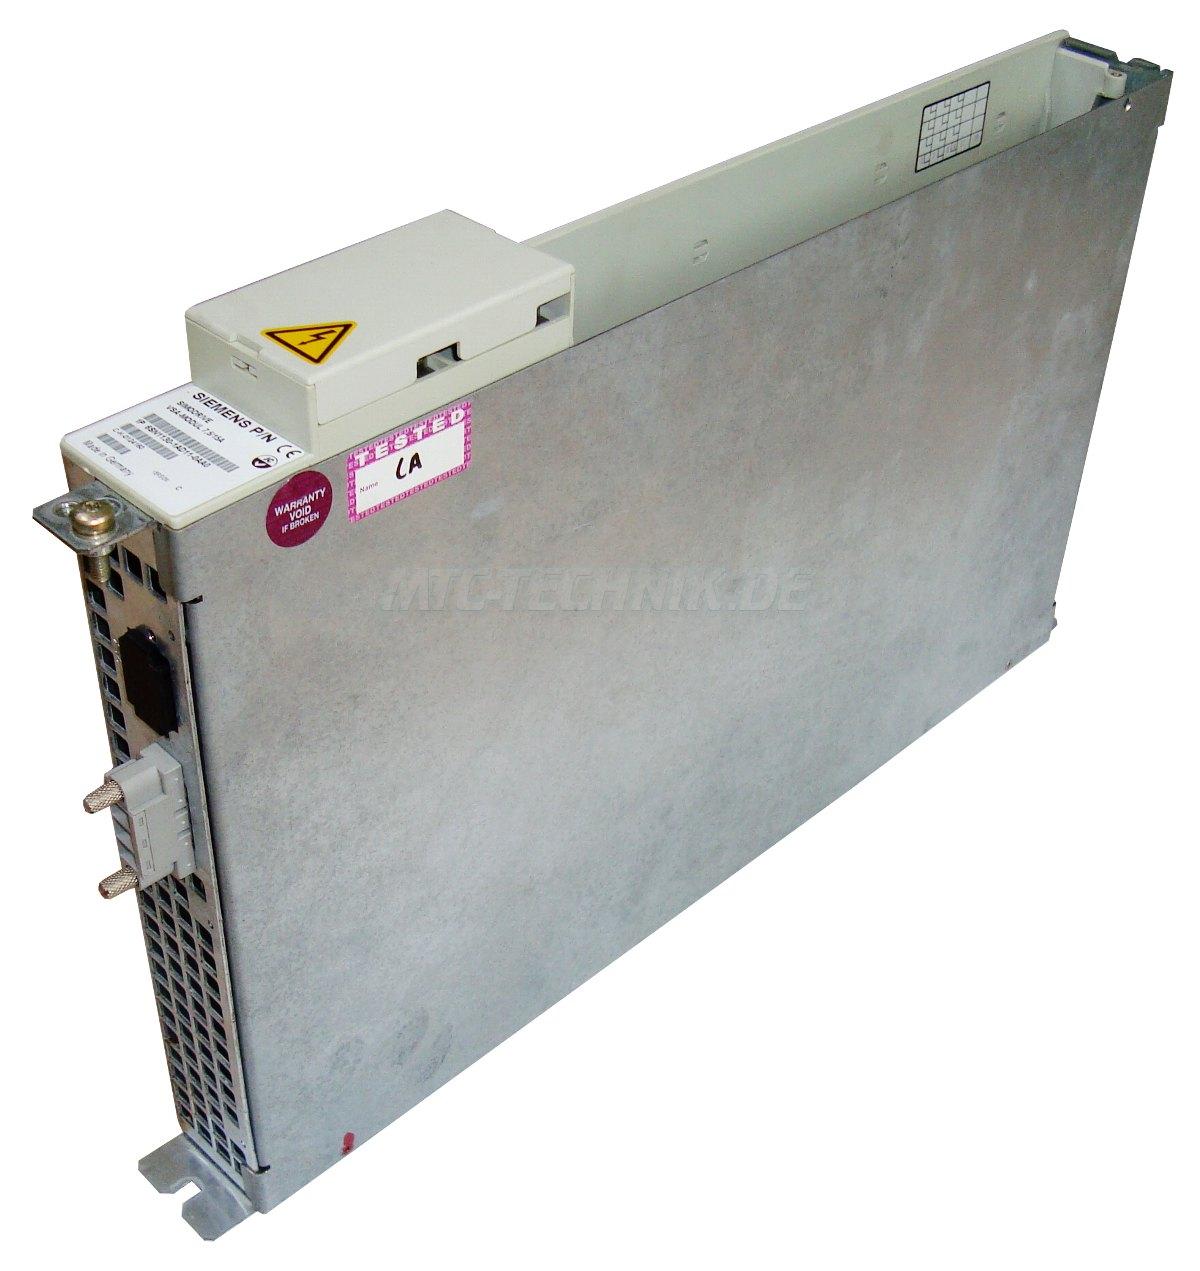 2 Vsa Module 6sn1130-1ad11-0aa0 Bestellen Siemens Garantie